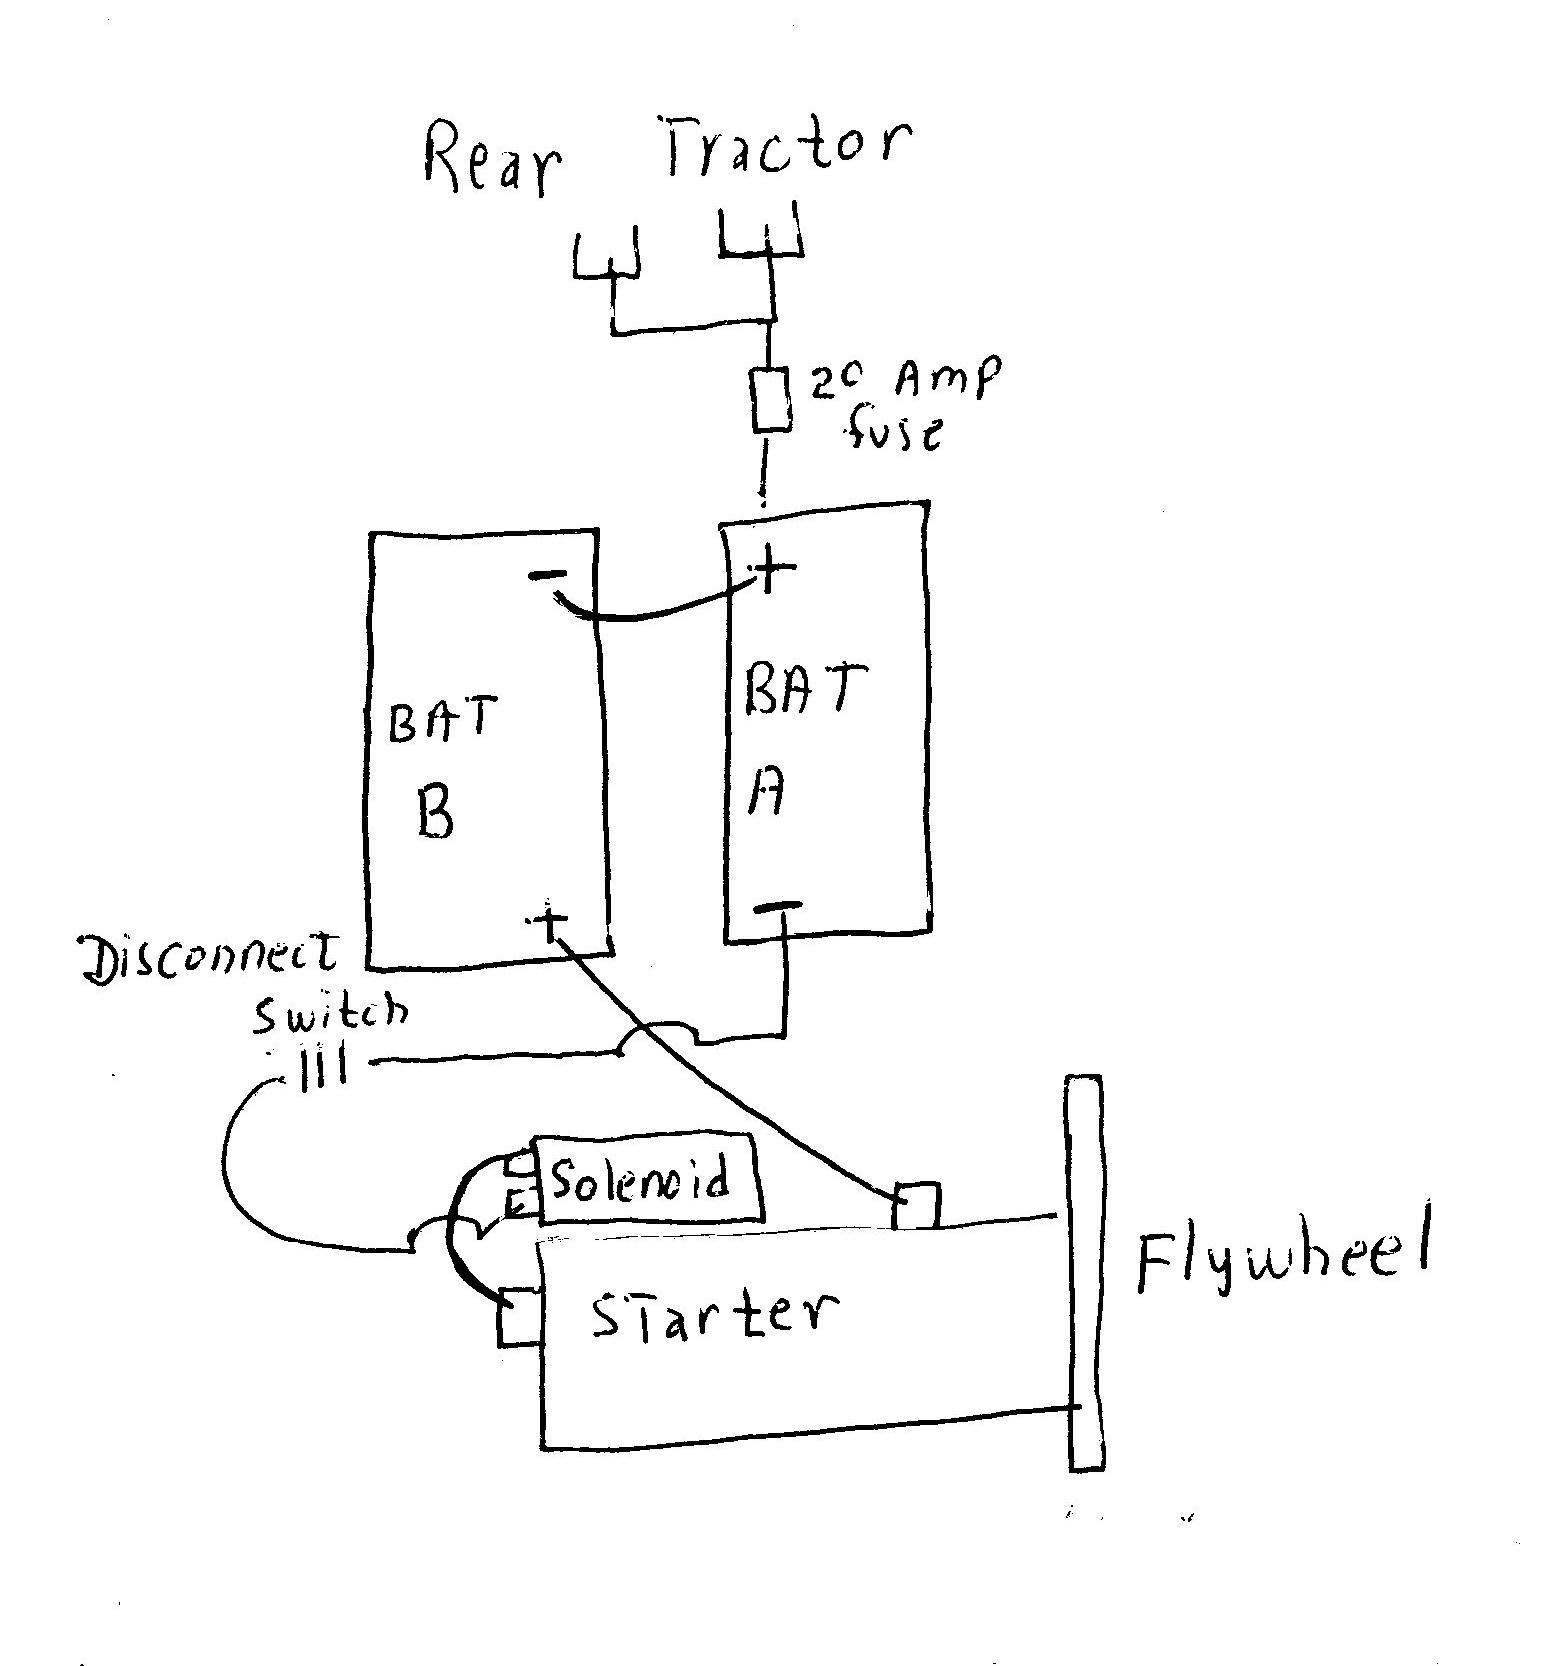 ford 8n wiring diagram 6 volt zx 1393  ford starter solenoid wiring diagram 6v  ford starter solenoid wiring diagram 6v